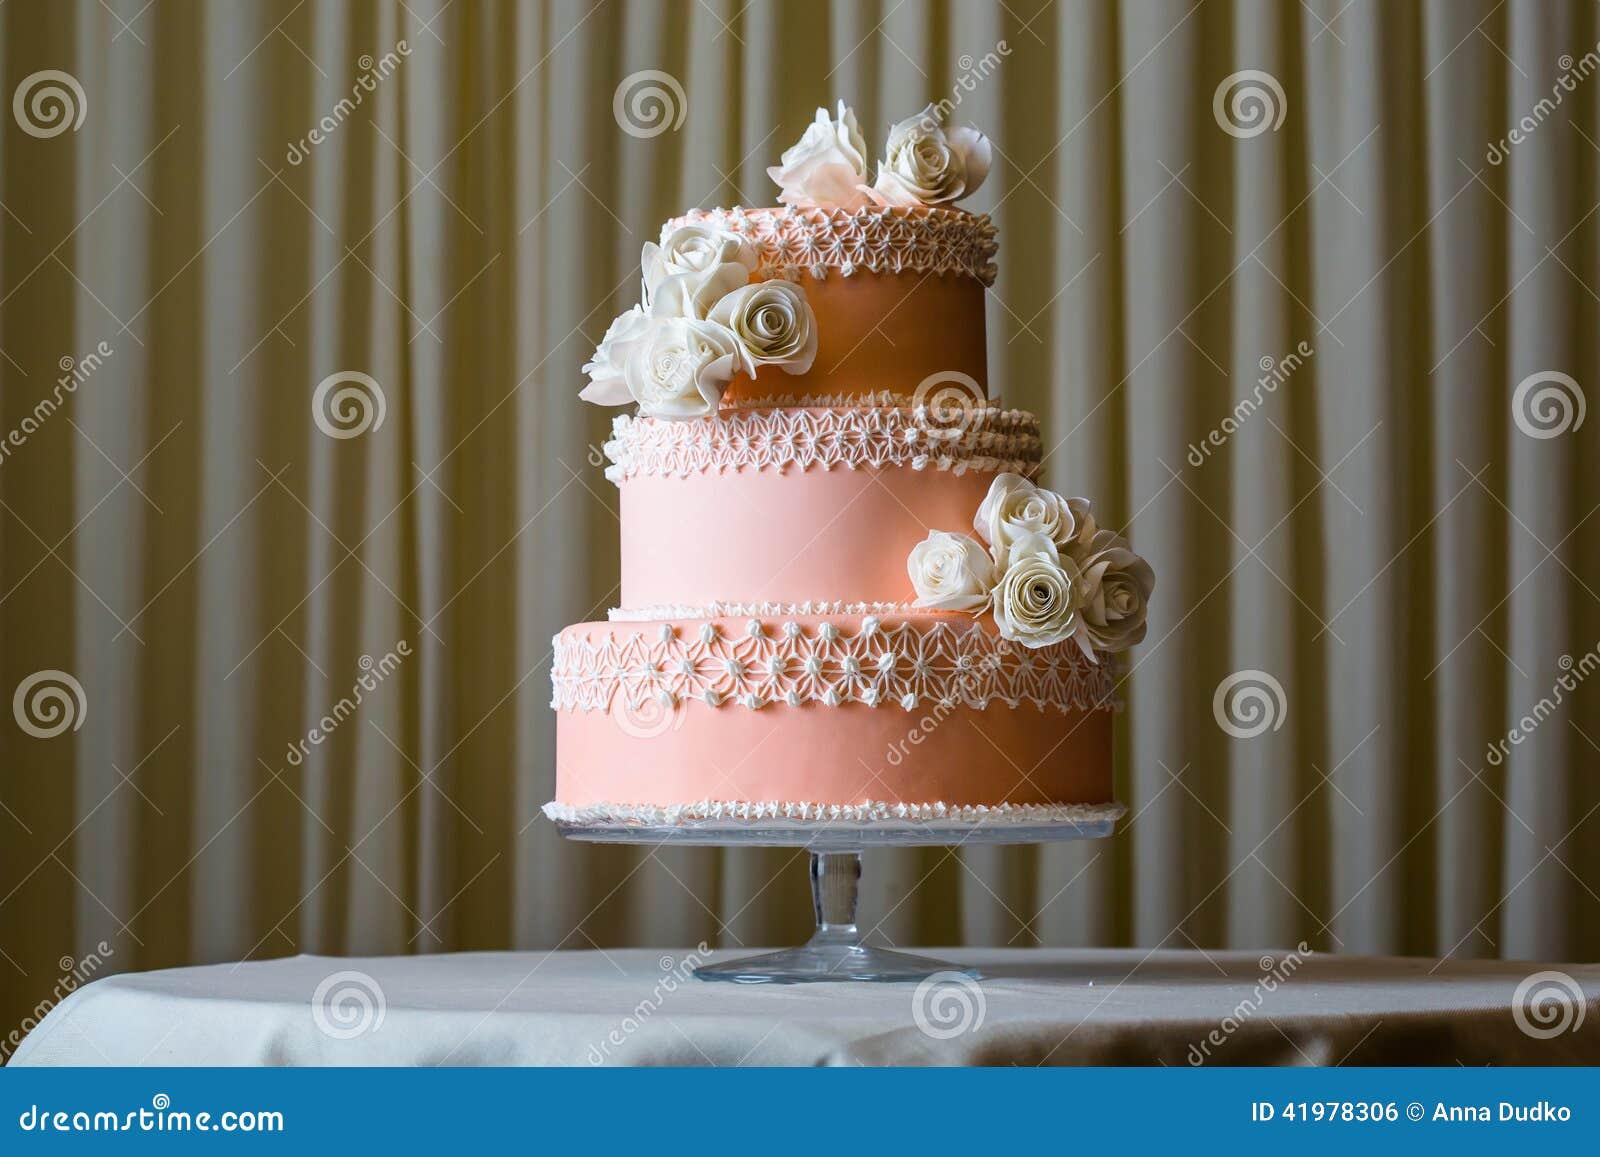 Rosa Und Weisse Hochzeitstorte Stockfoto Bild Von Grun Fall 41978306